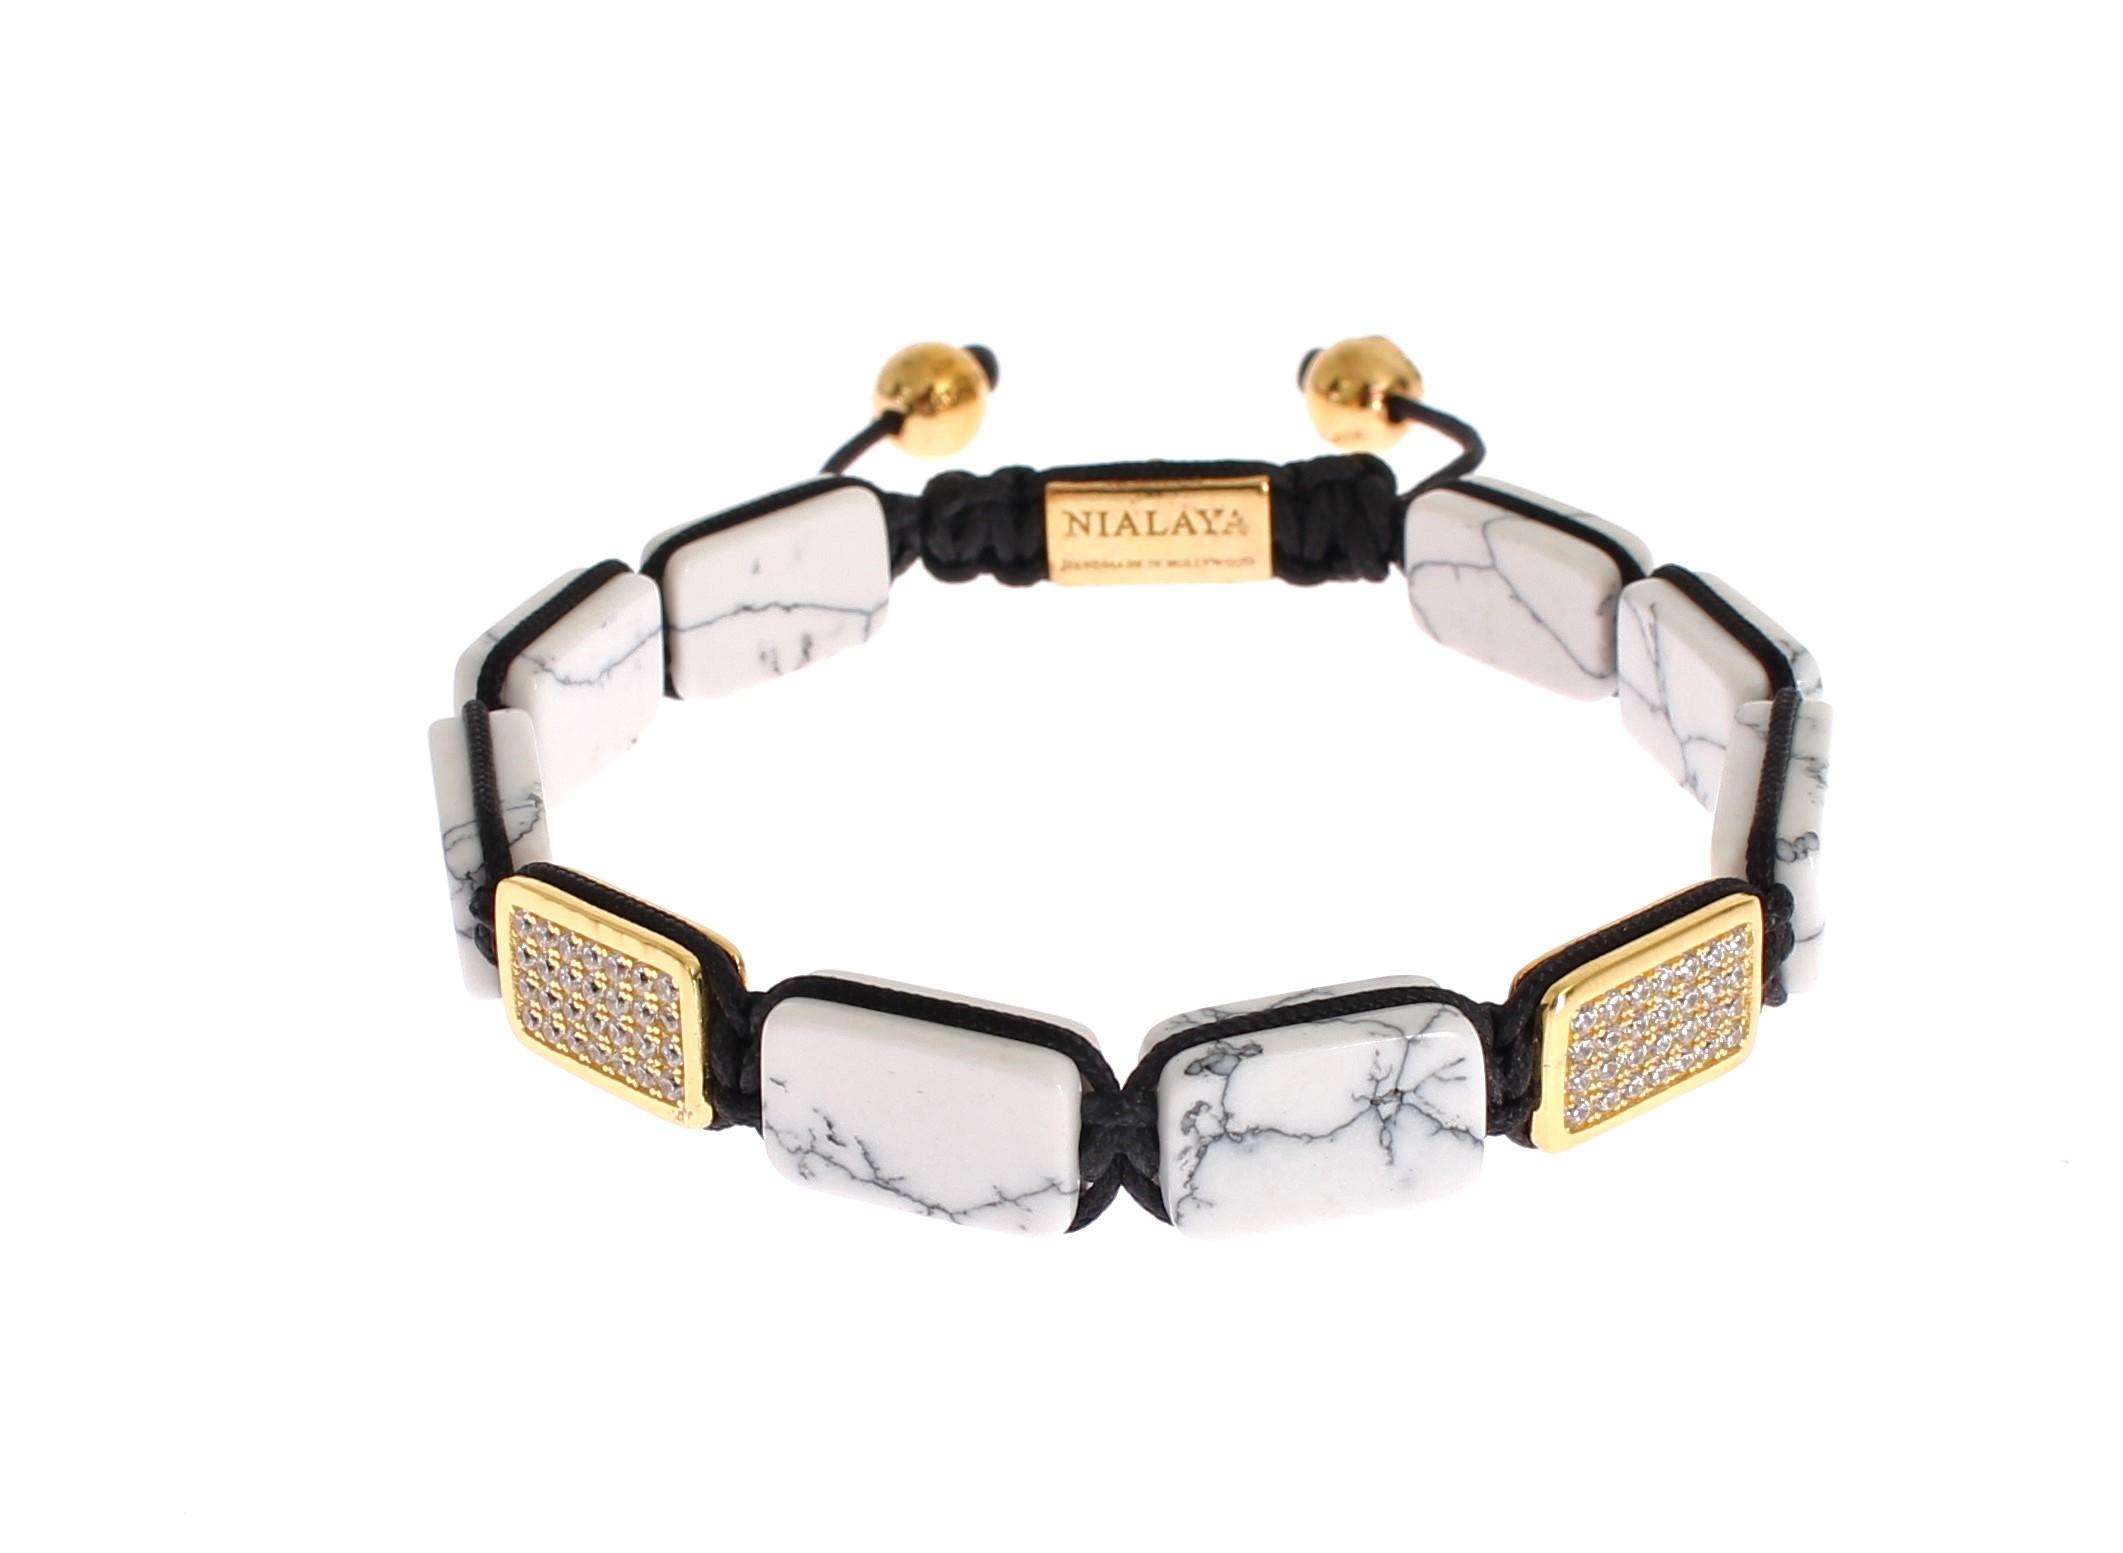 Nialaya Women's CZ Howlite Gold 925 Bracelet White NIA20242 - M